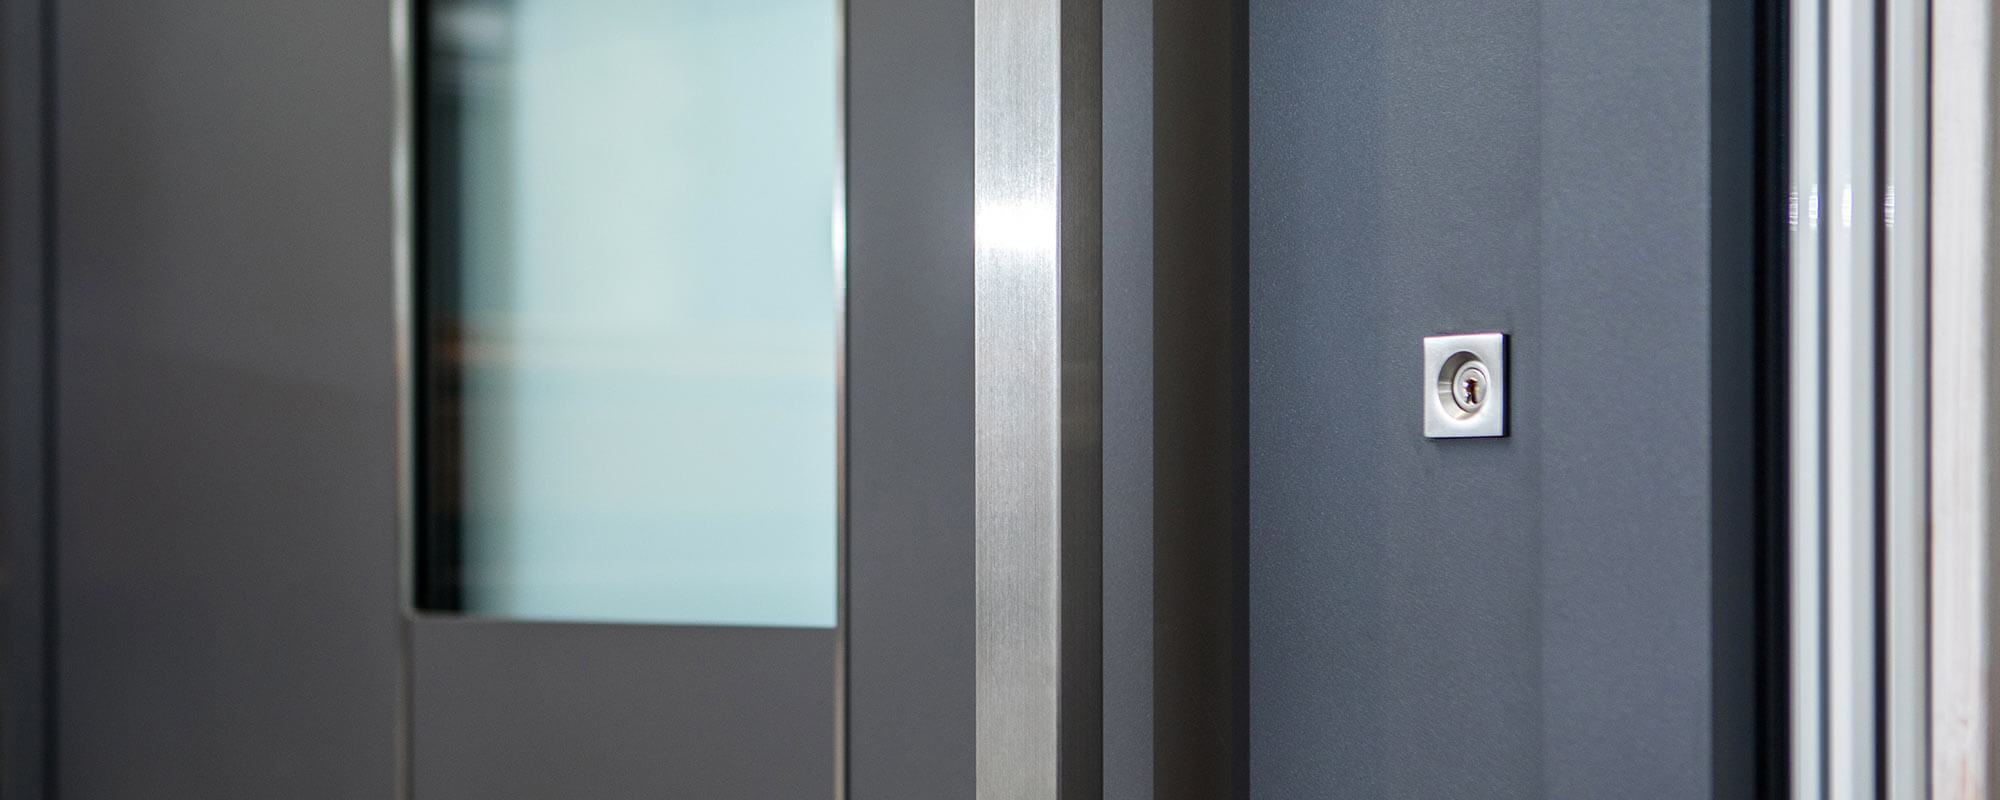 Full Size of Hunger Fenster Tren Einbauen Kosten Standardmaße Bauhaus Einbruchsicherung Preisvergleich Sichtschutz Alu Türen Plissee Aluplast Kunststoff Herne De Fenster Fenster Türen